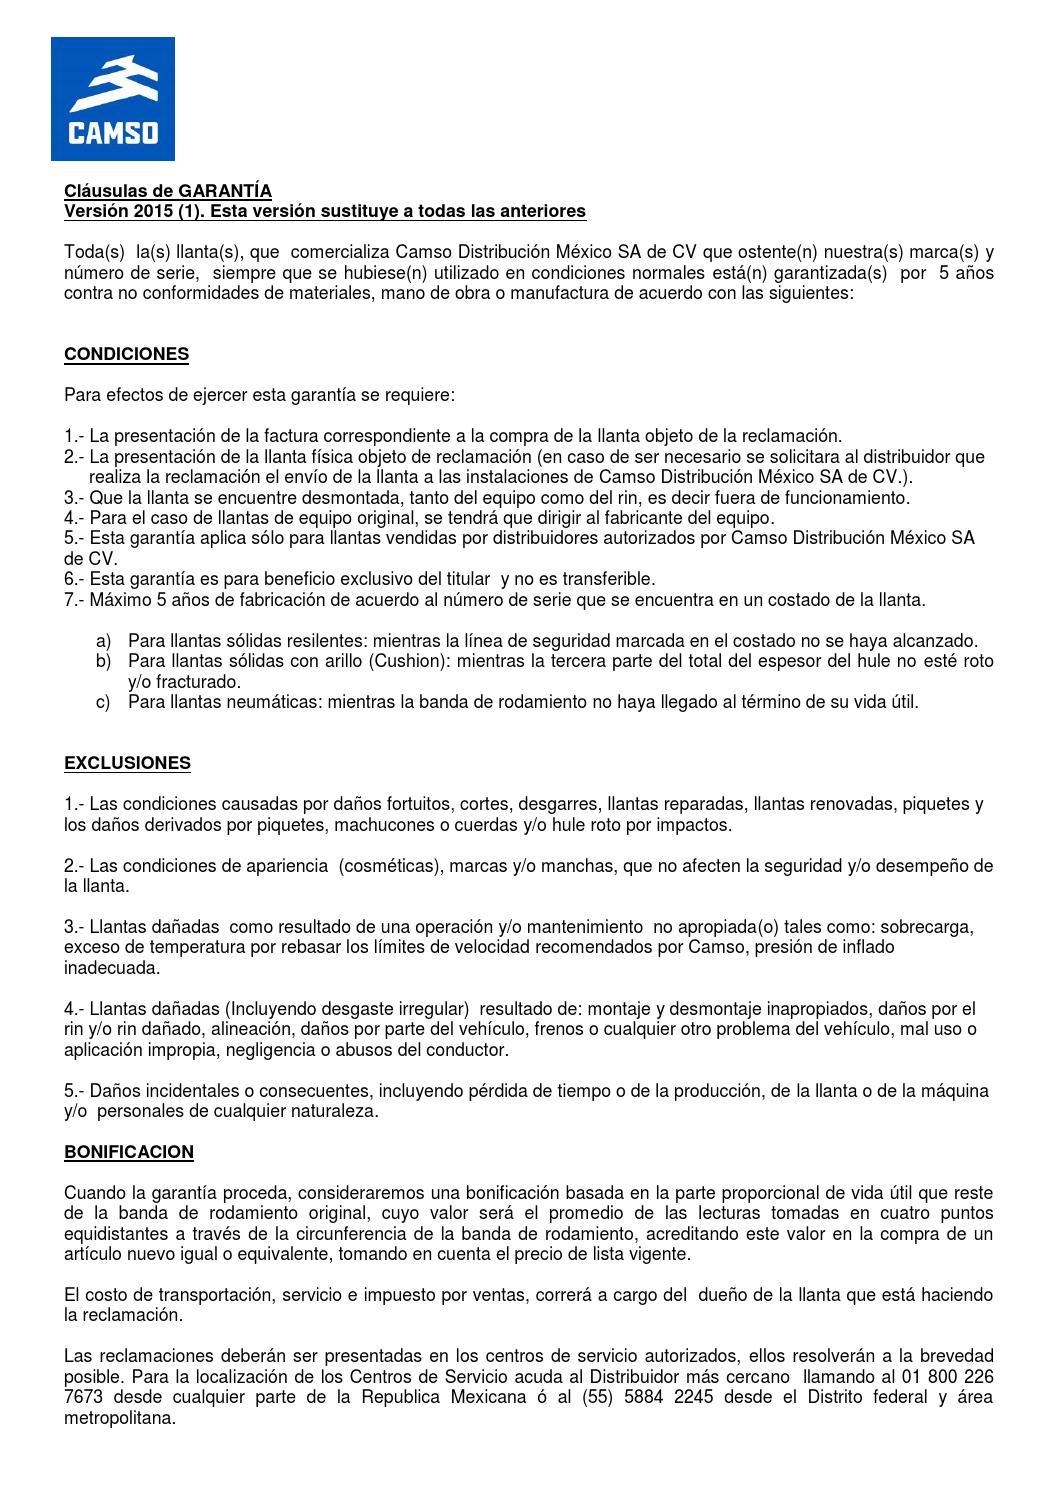 garant u00eda camso m u00e9xico by camsodistribucionmexico